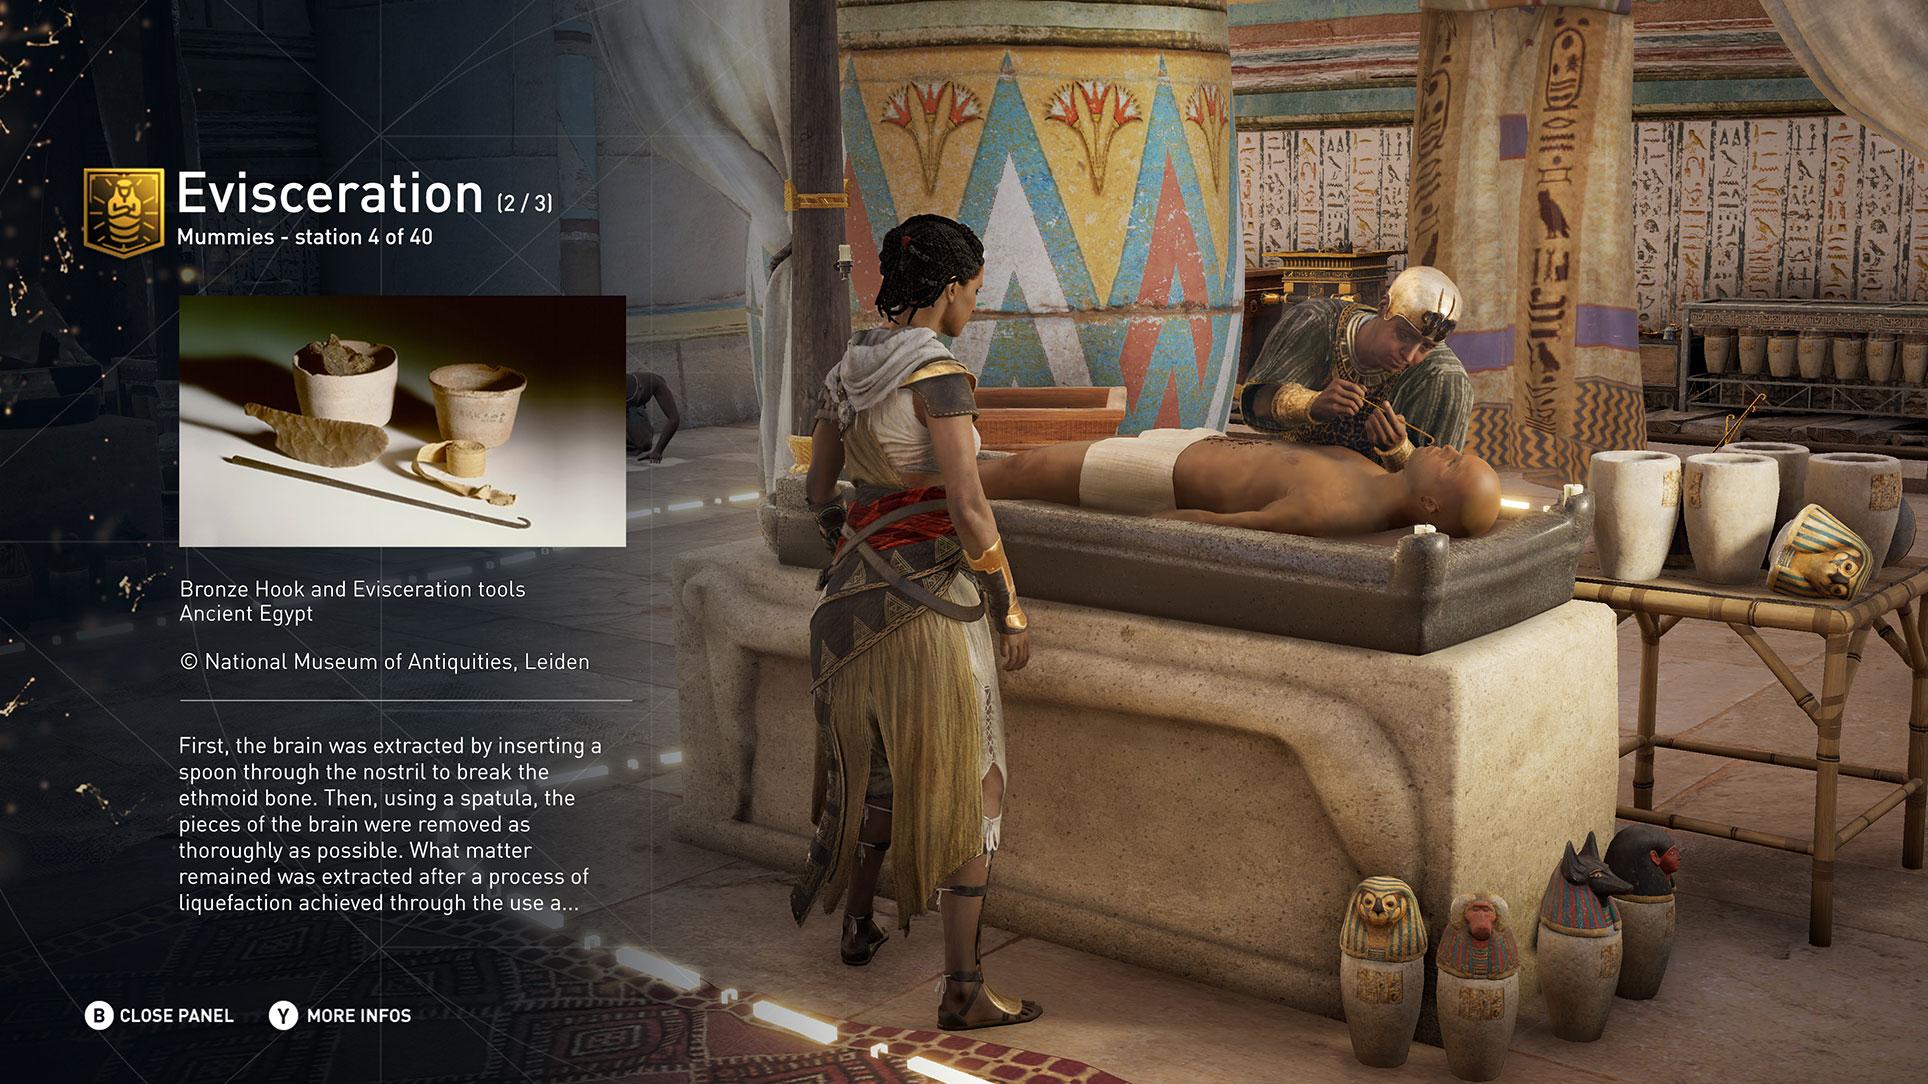 ... und den geheimnisvollen Vorgang der Mumifizierung, bei dem Toten unter anderem das Gehirn durch die Nase entfernt wurde.